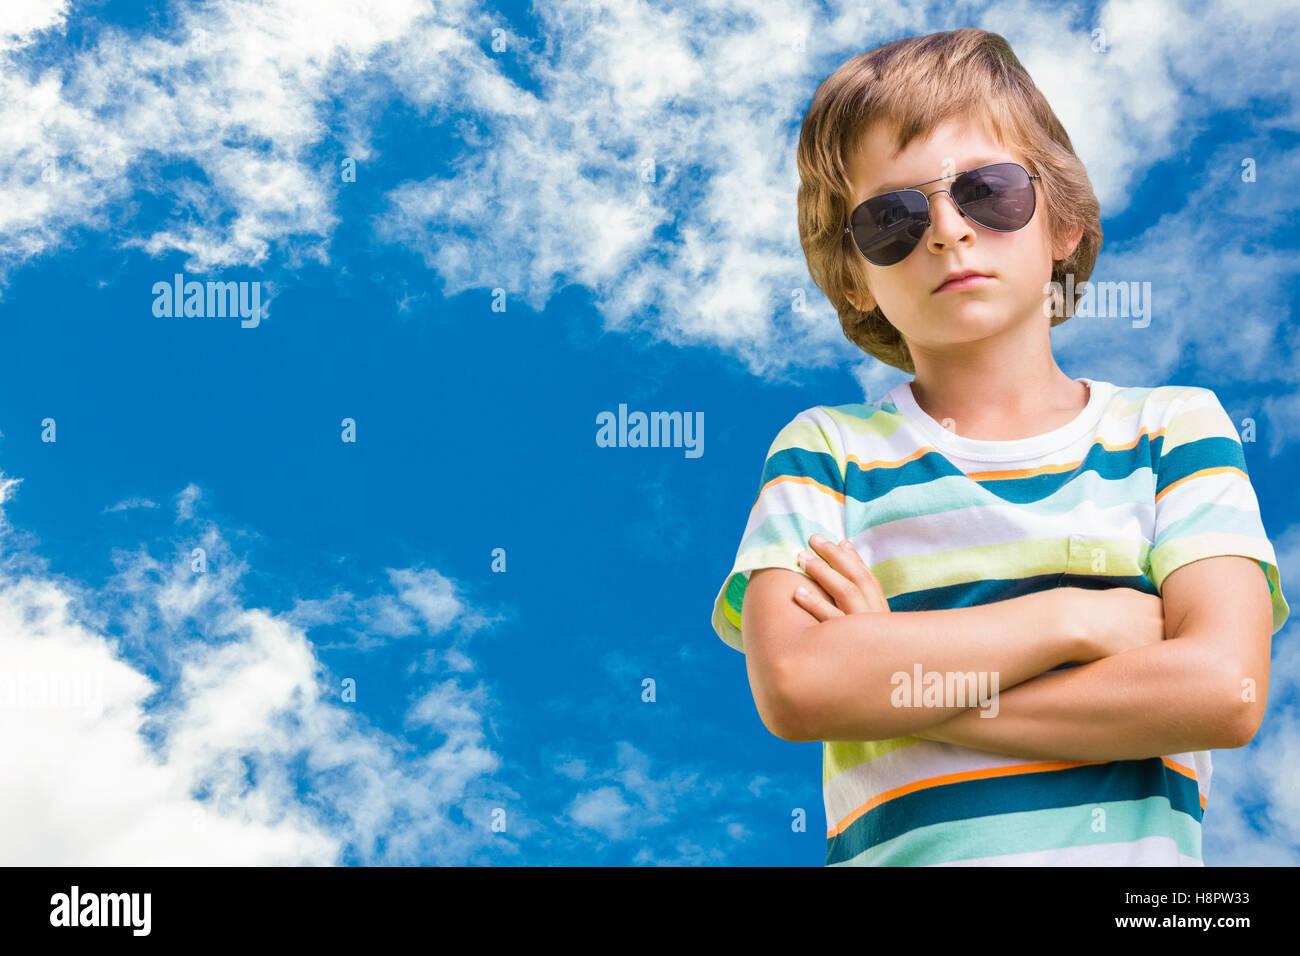 Immagine composita del bambino con occhiali da sole Immagini Stock